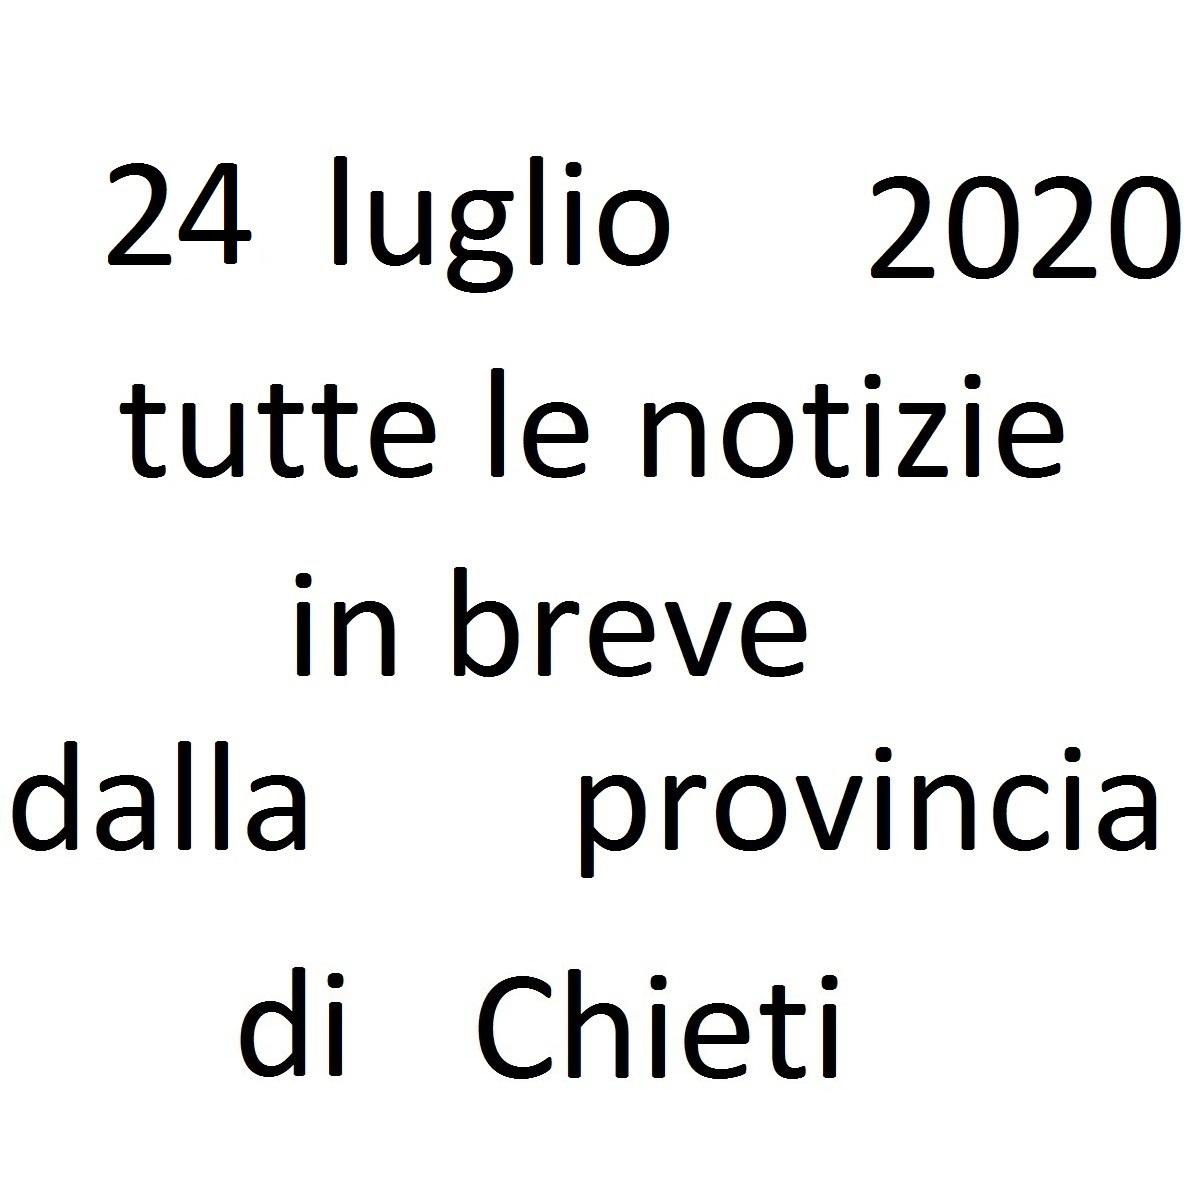 24 luglio 2020 notizie in breve dalla Provincia di Chieti foto